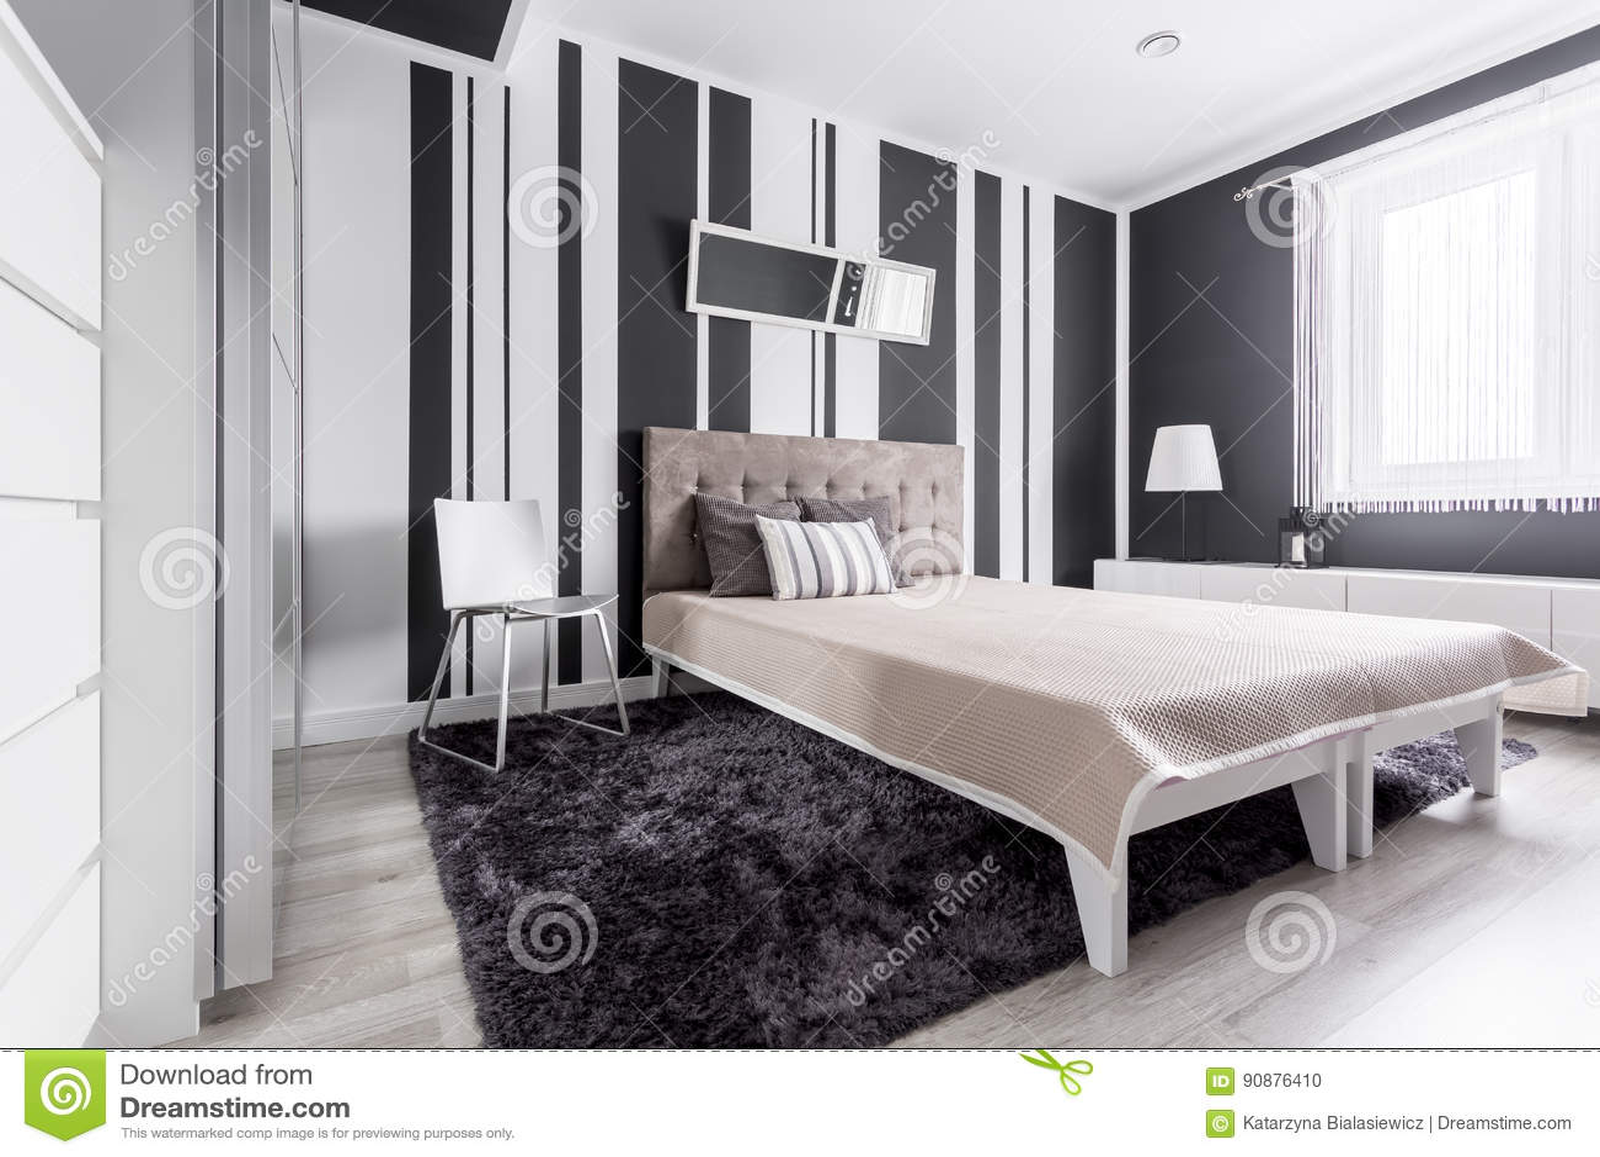 Camera Da Letto Bianca E Nera camera da letto bianca e nera fotografia stock - immagine di